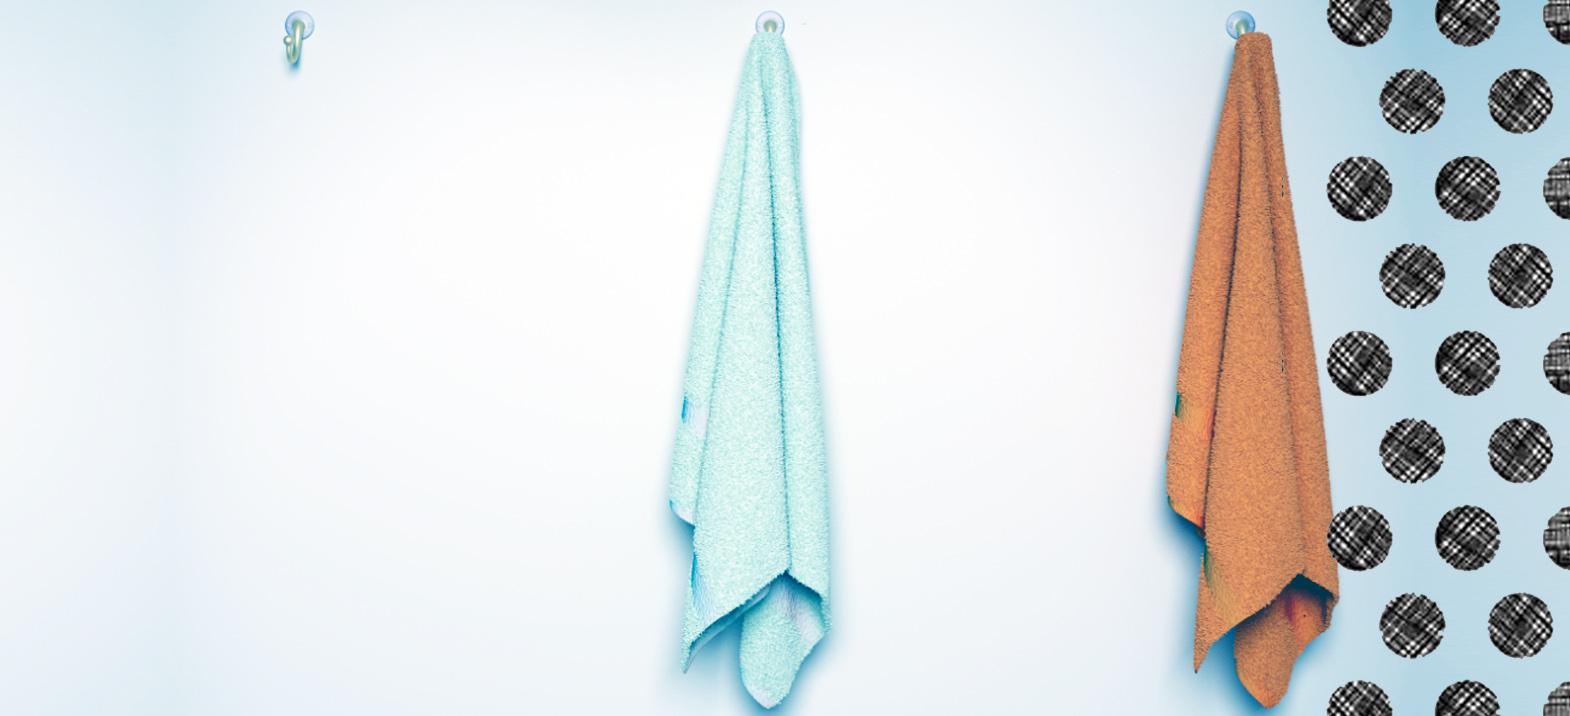 Hoe vaak moet je je handdoeken wassen?   Enfait